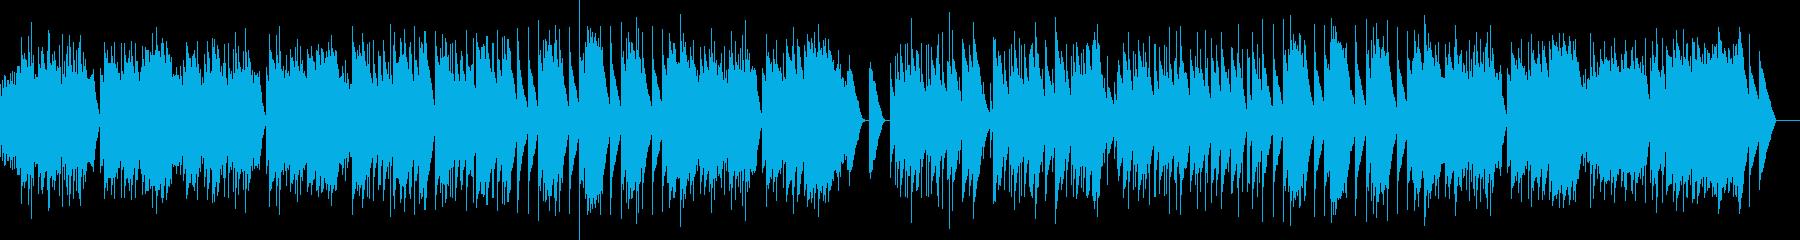 フォーレ 3.シシリエンヌ  オルゴールの再生済みの波形